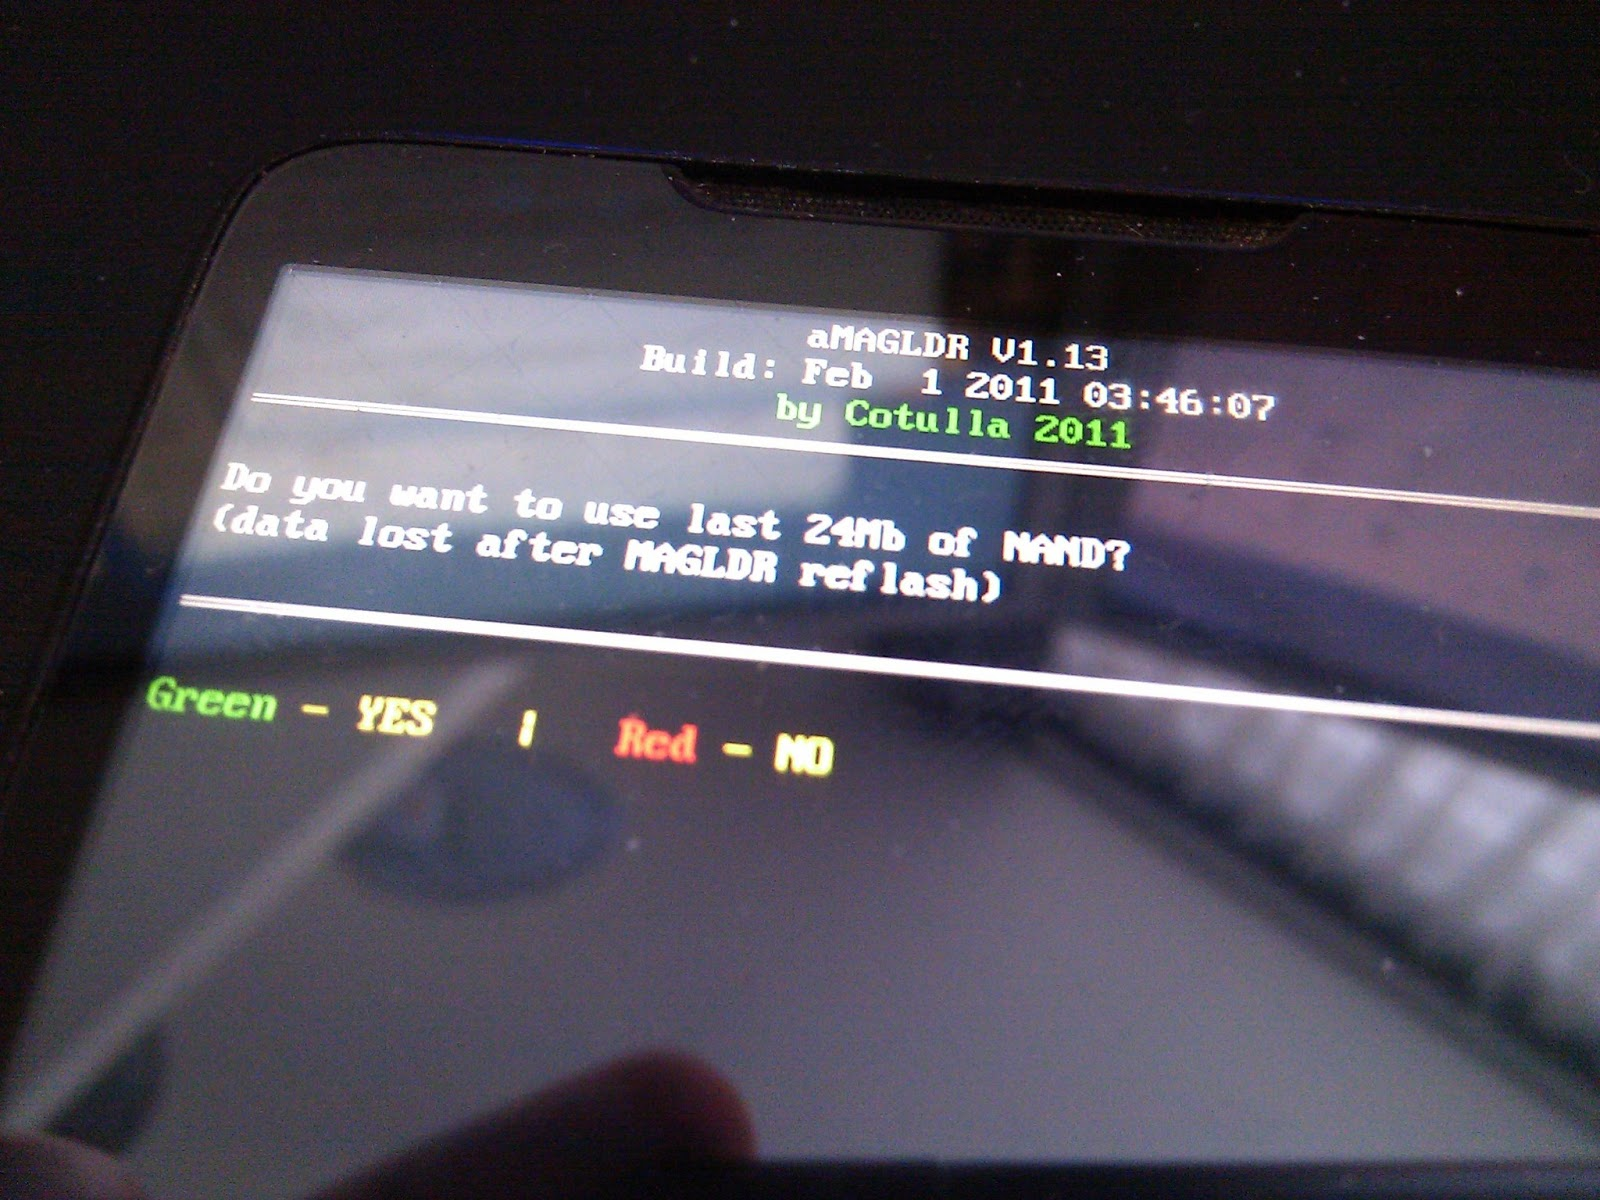 HD2 T8585 GRATUIT APPLICATION HTC TÉLÉCHARGER